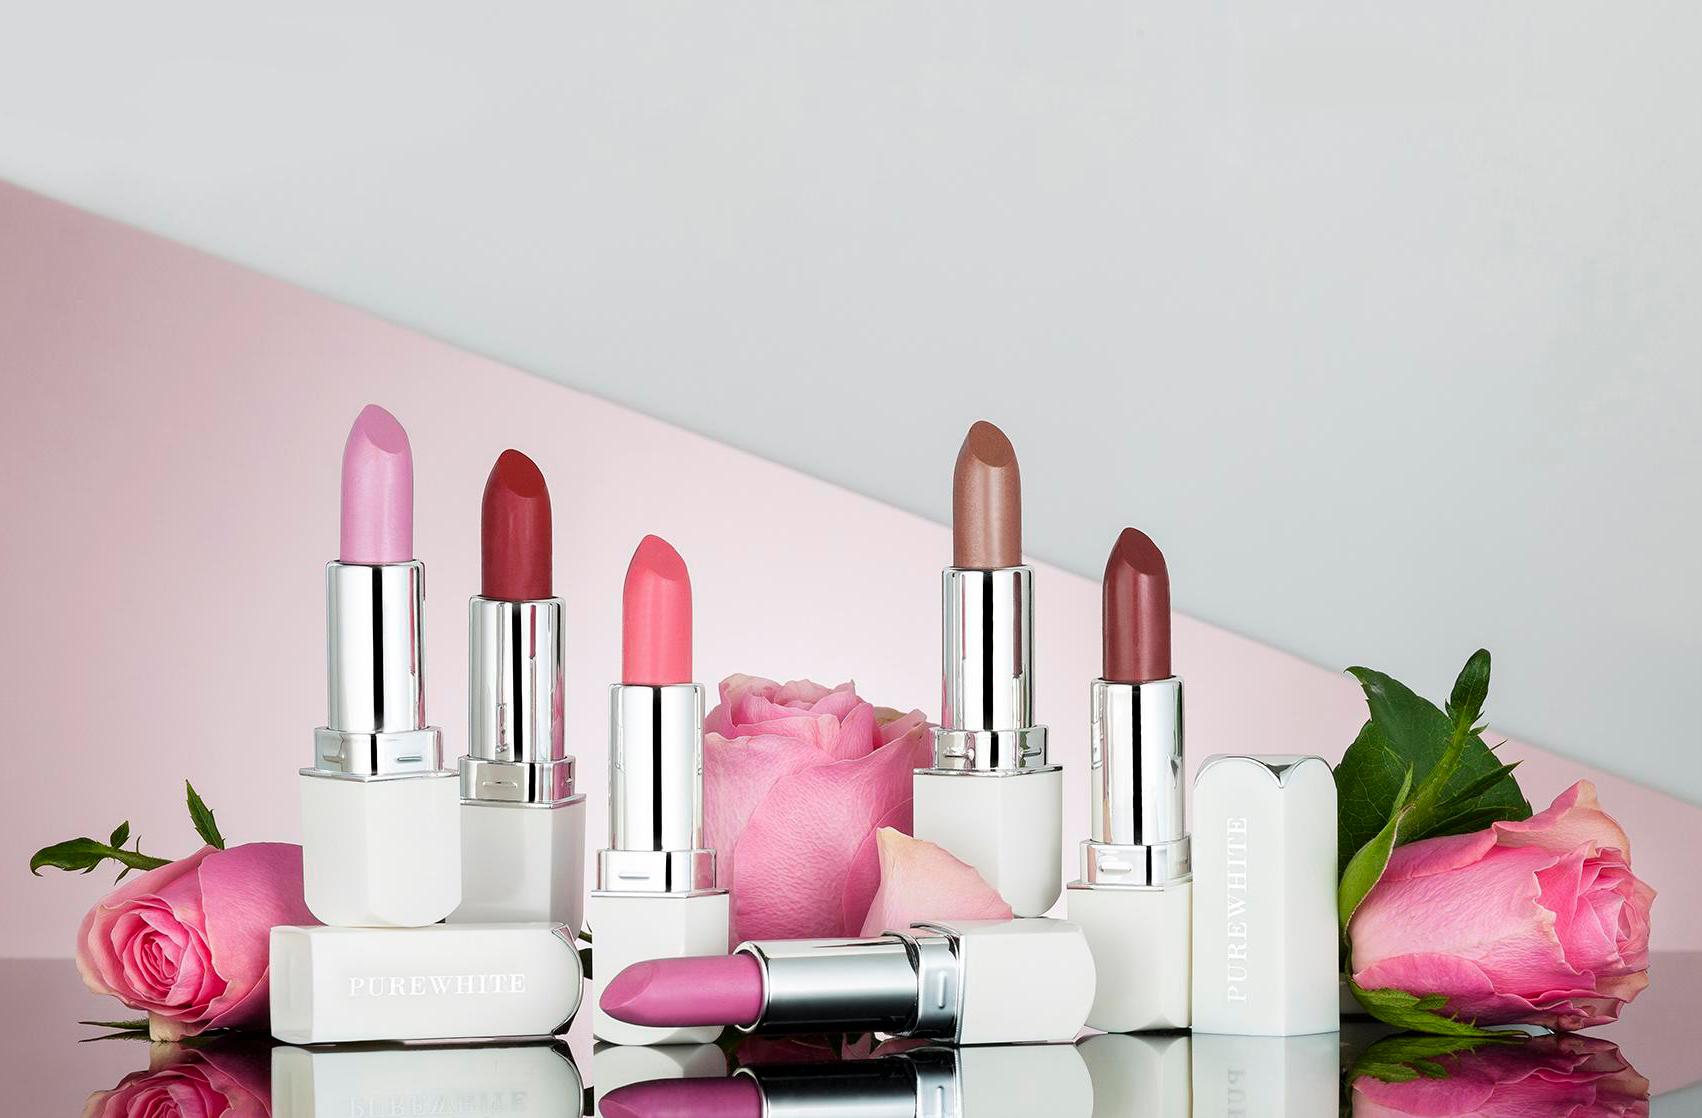 Pure White Cosmetics - Purely Inviting Satin Cream Lipstick